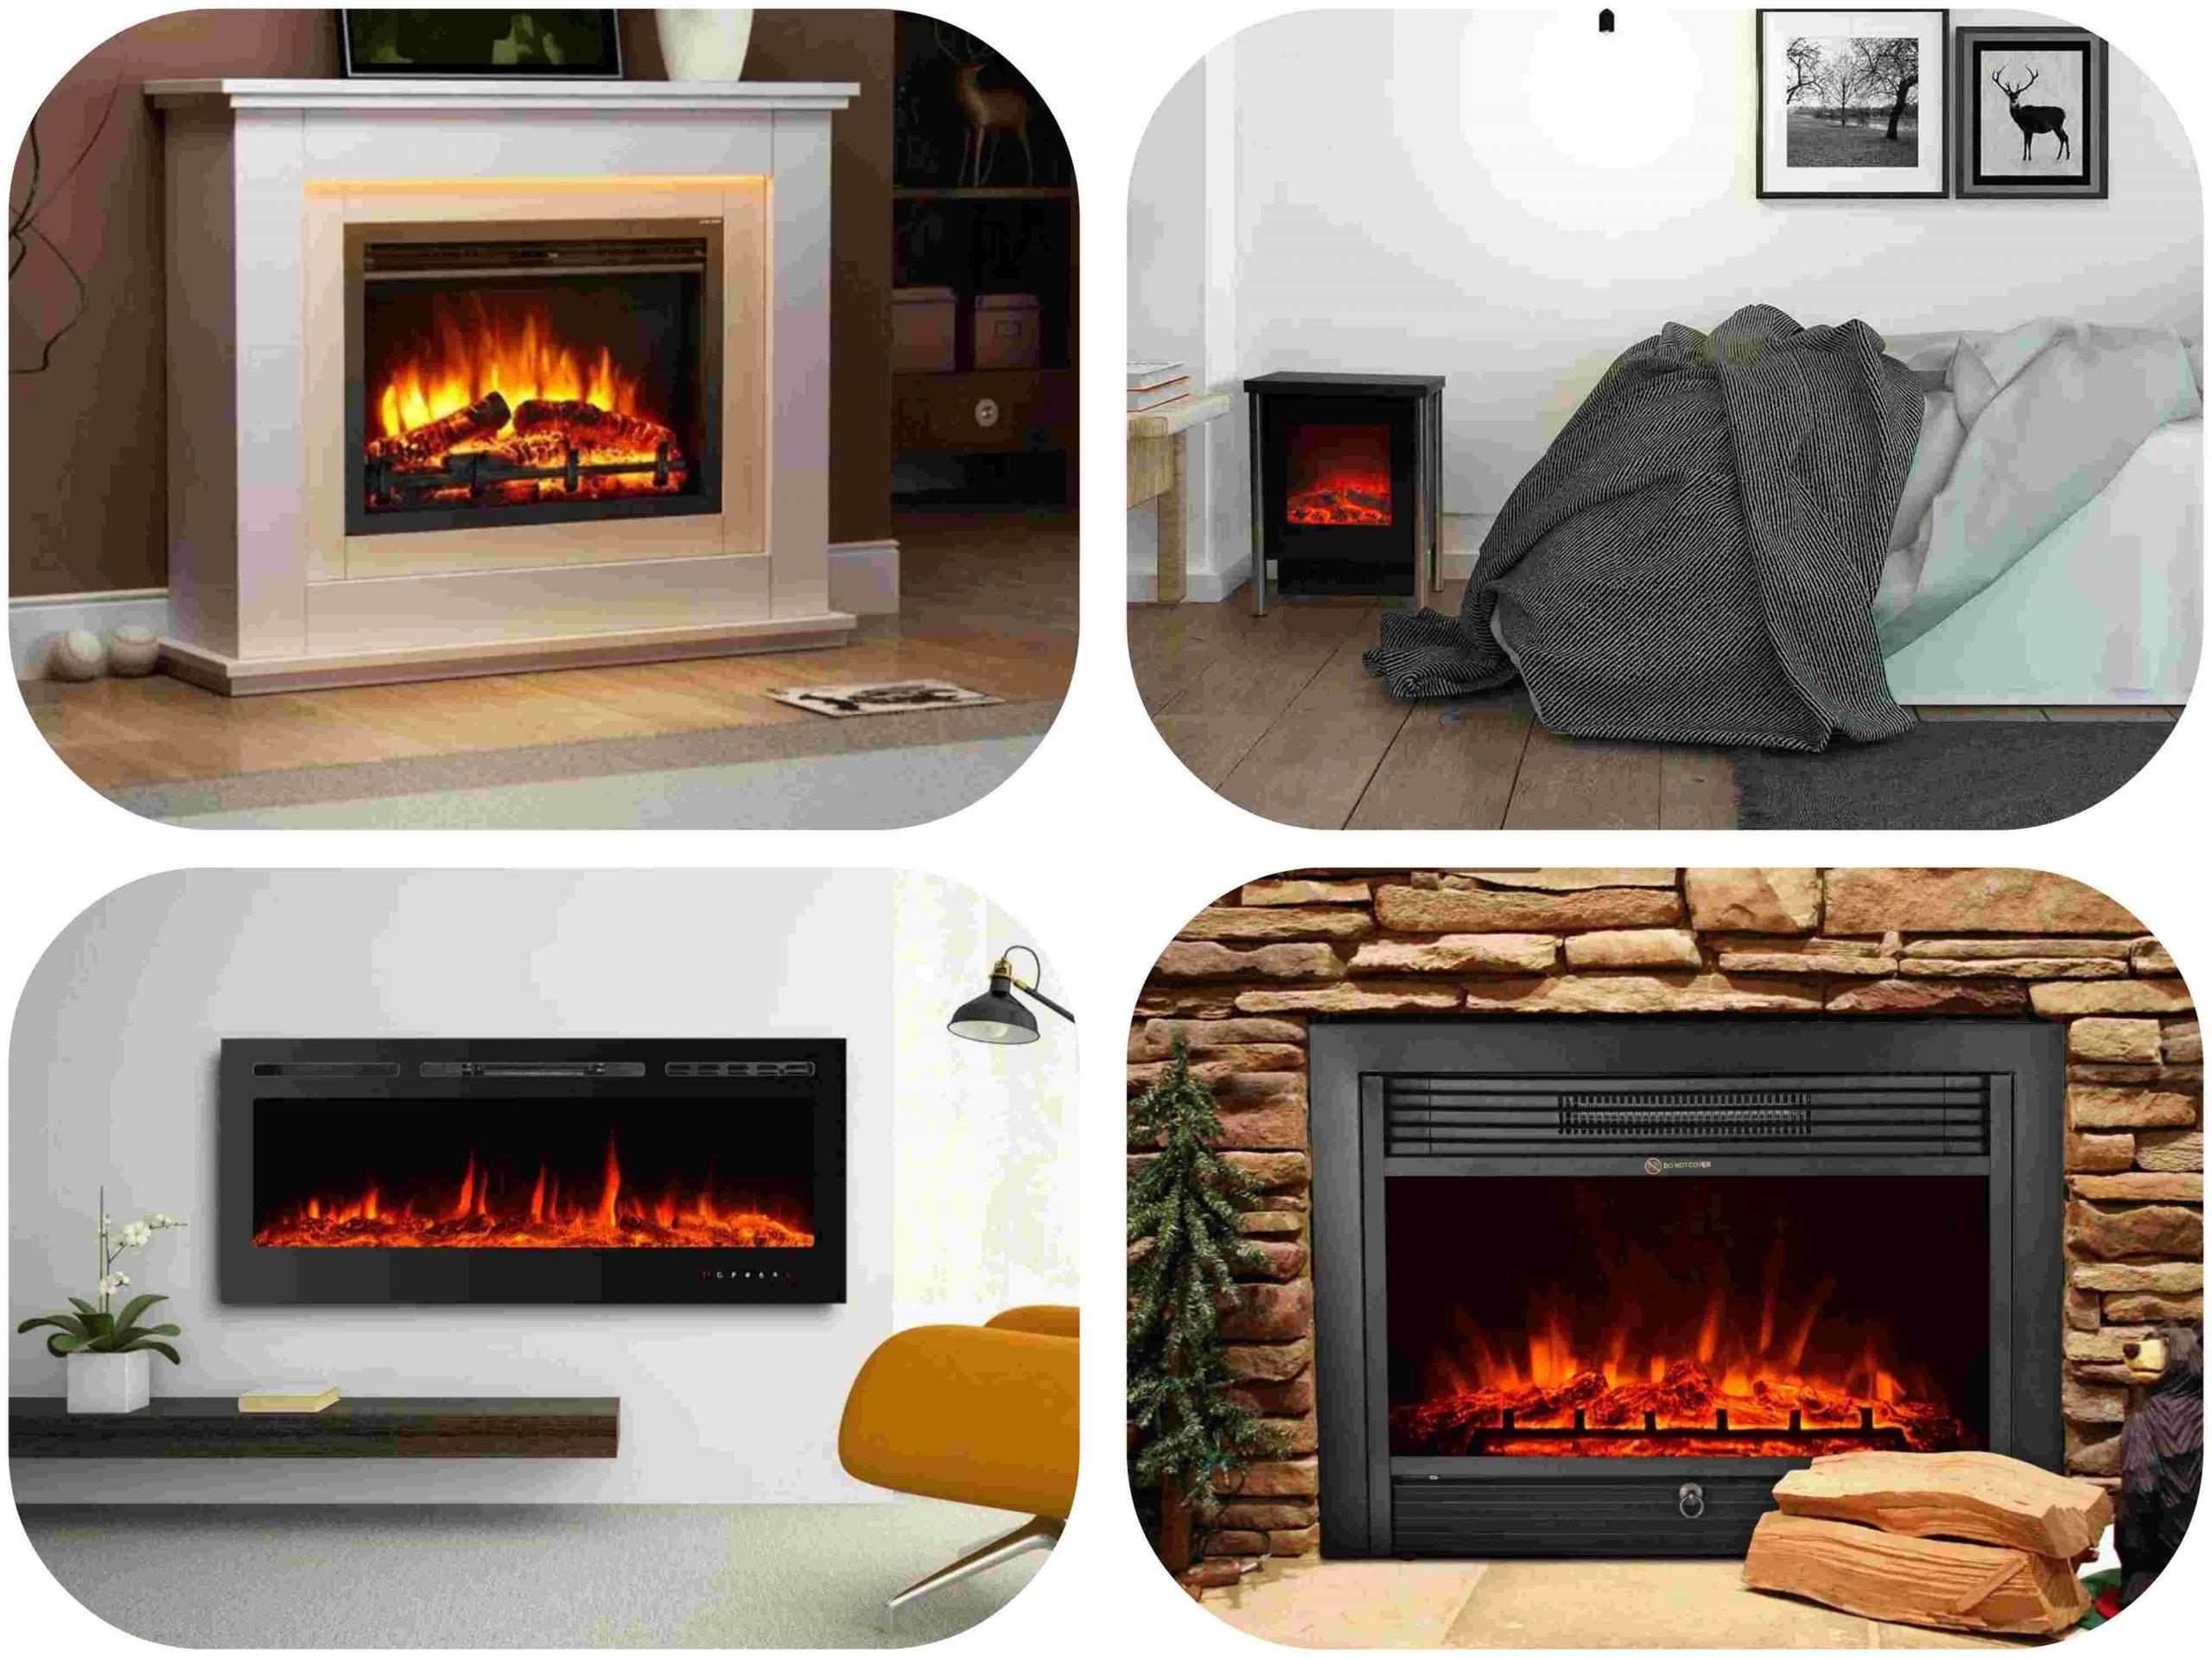 chimeneas-electricas-portatiles-modernas-y-decorativas